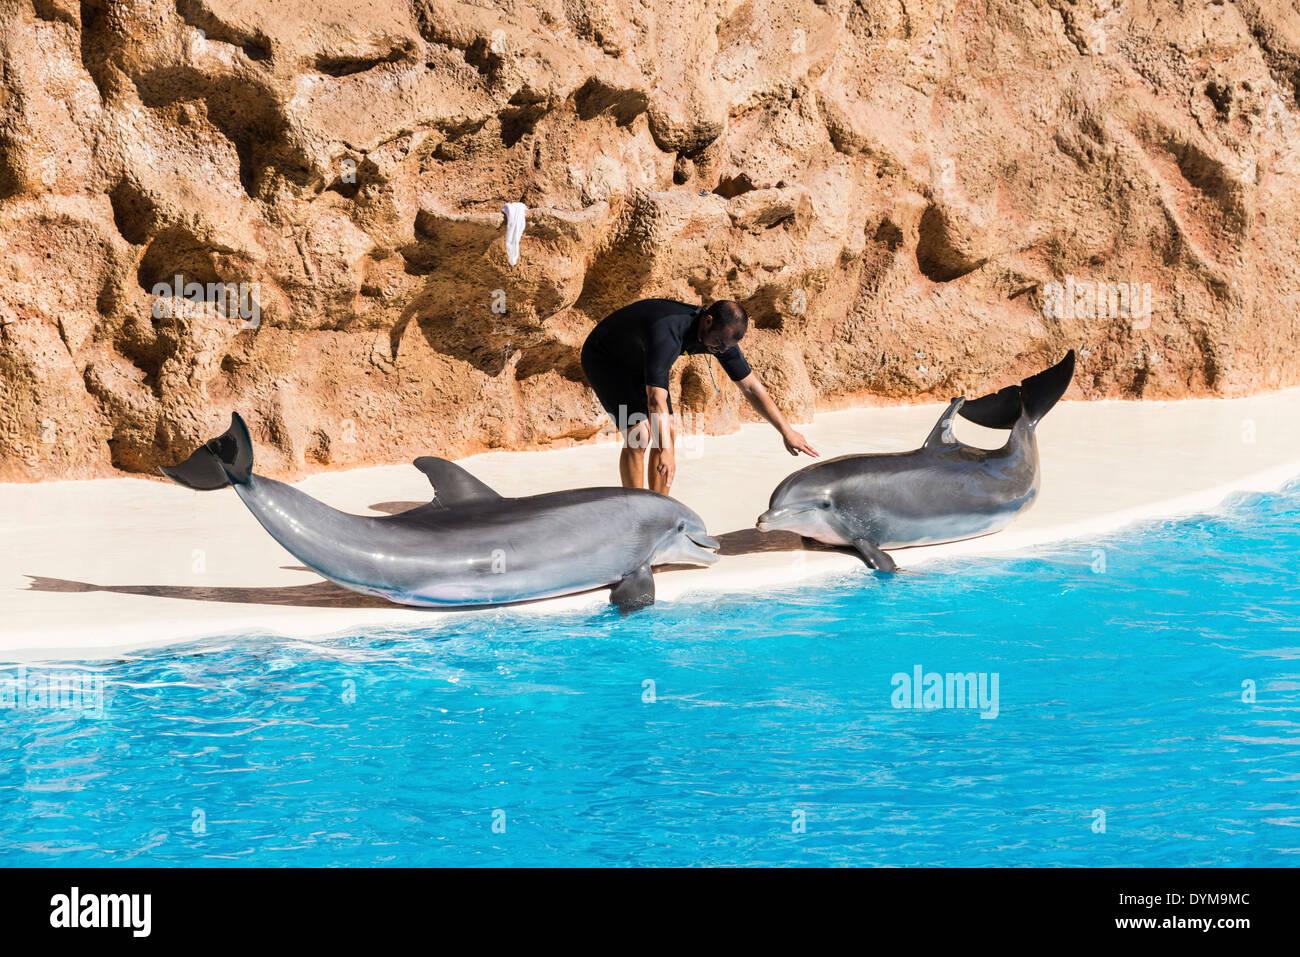 Show de Delfines, zoológico Loro Parque, Puerto de la Cruz, Santa Cruz de Tenerife, Tenerife, Islas Canarias, España Foto de stock